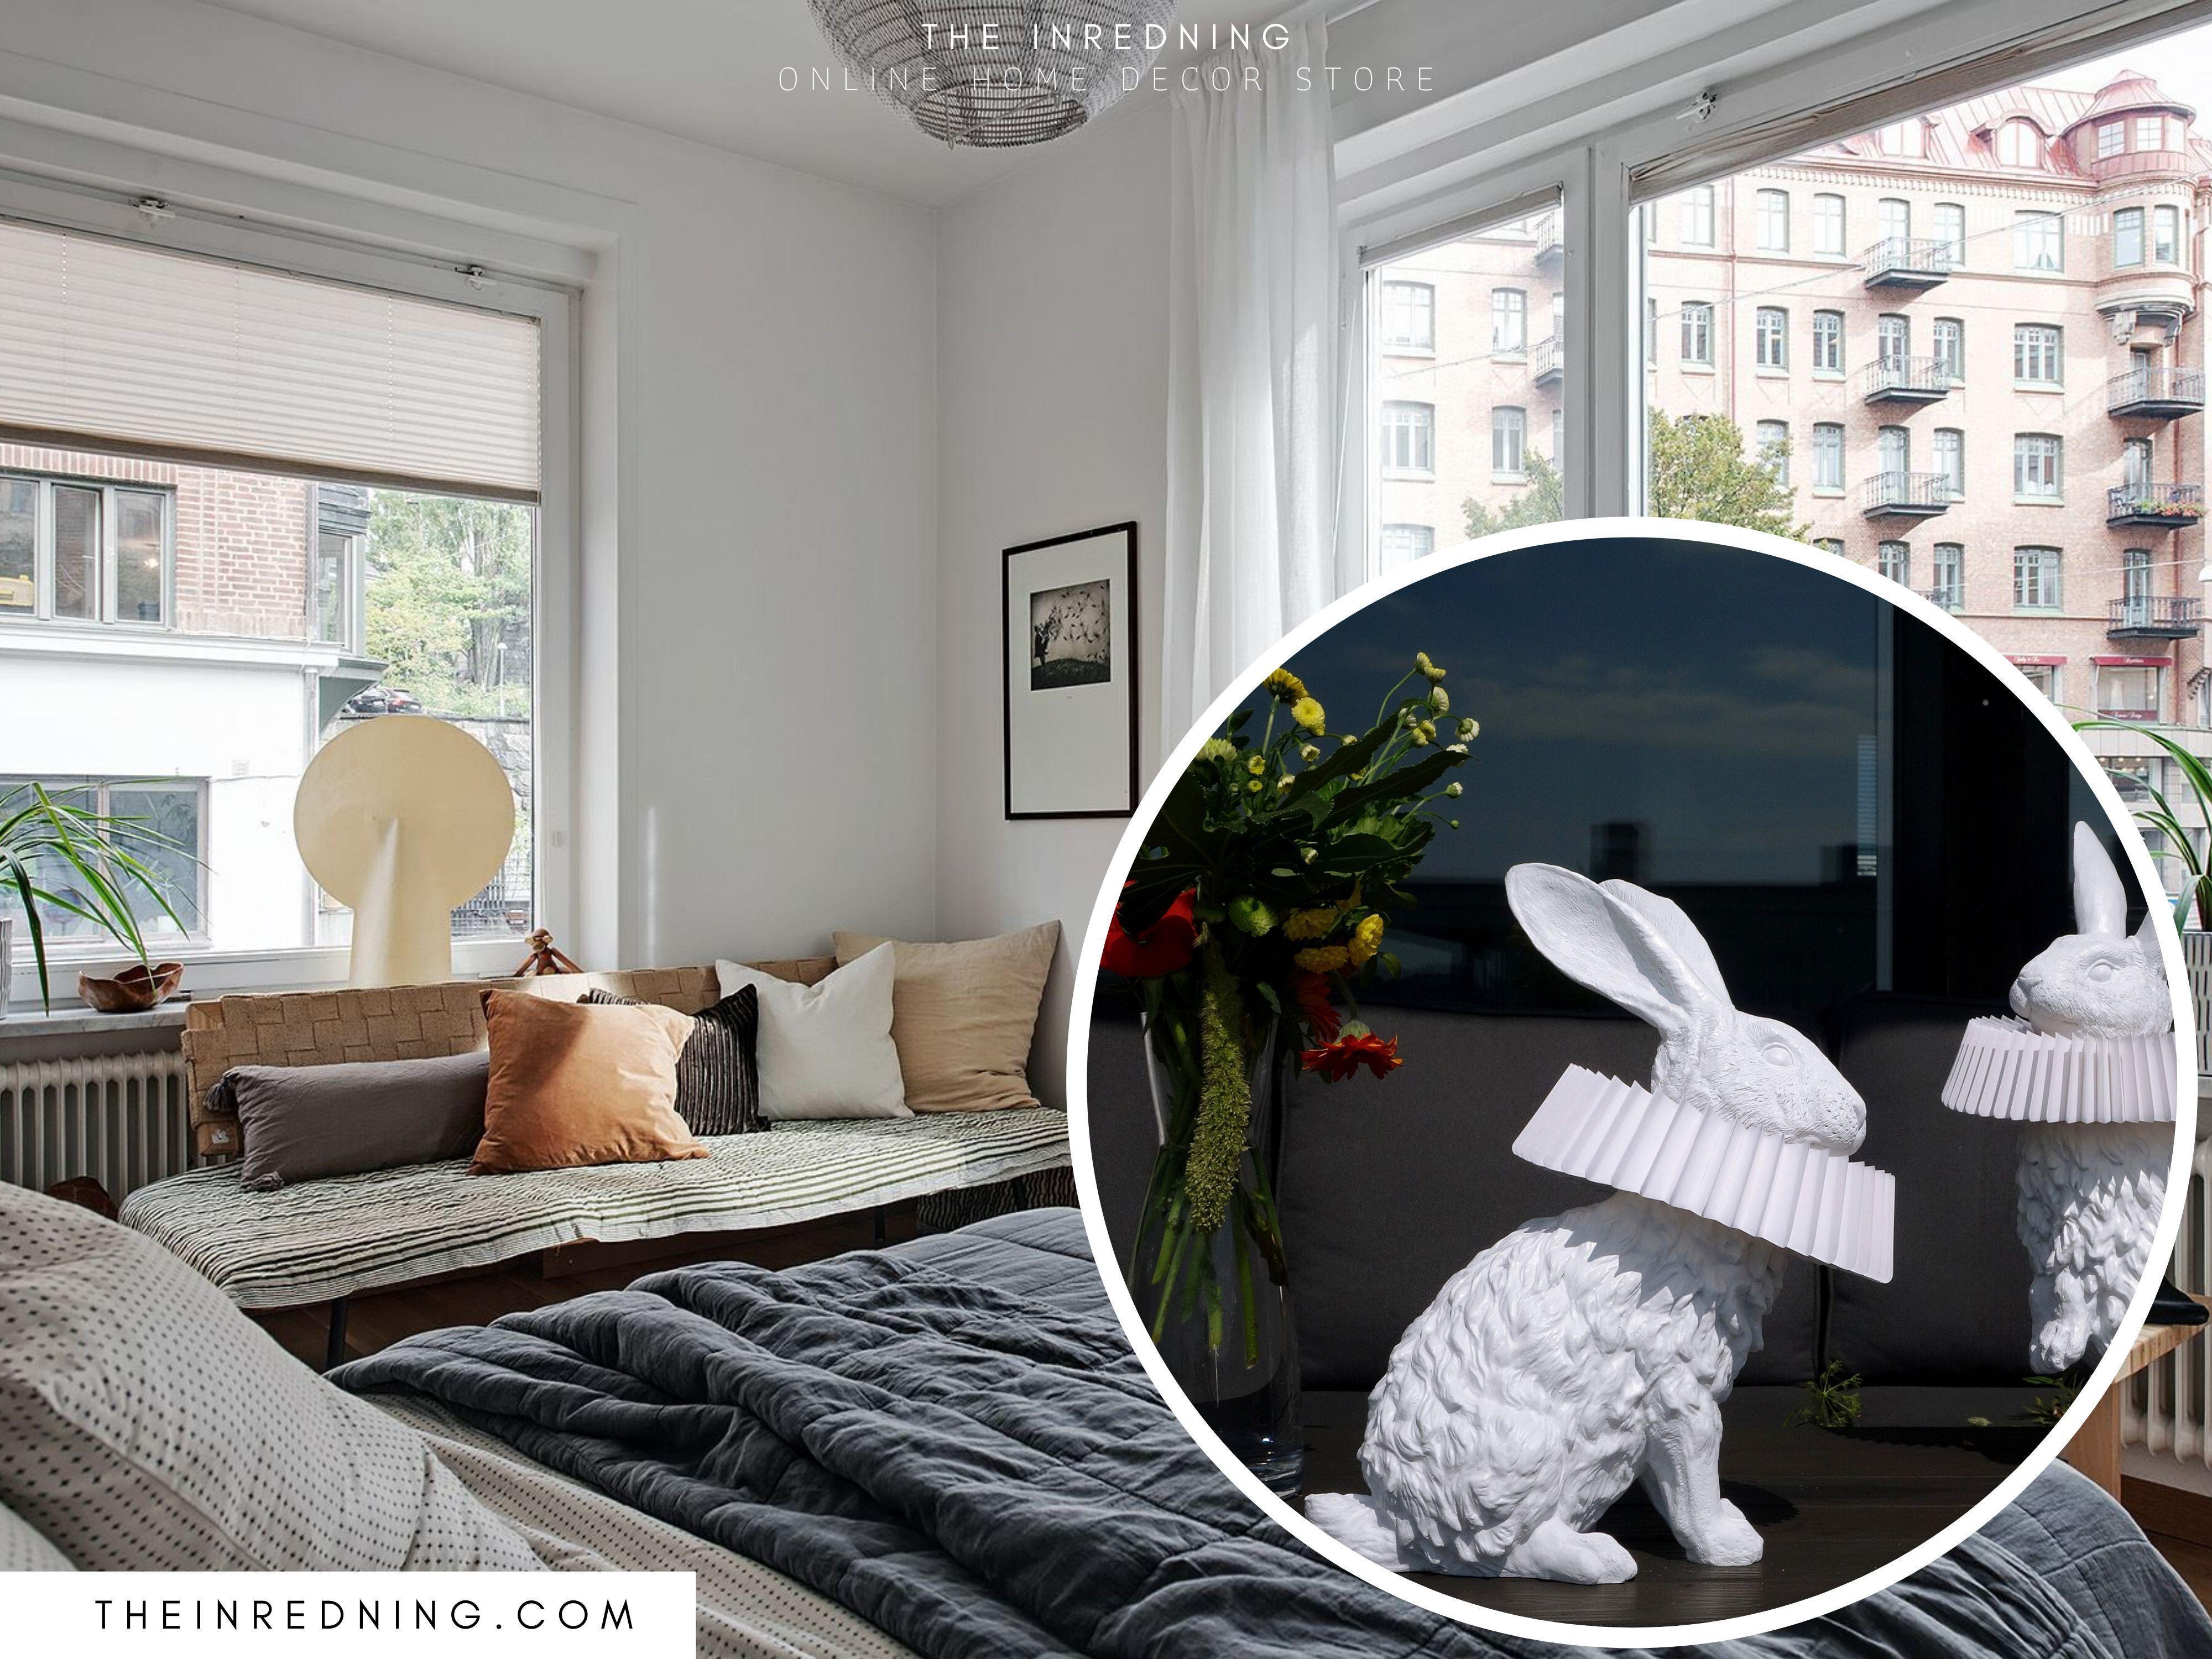 Hasenlampe Mit Deko Skulptur Fur Wohnzimmer Schlafzimmer Kinderzimmer Haus Deko Kinder Zimmer Kinderzimmer